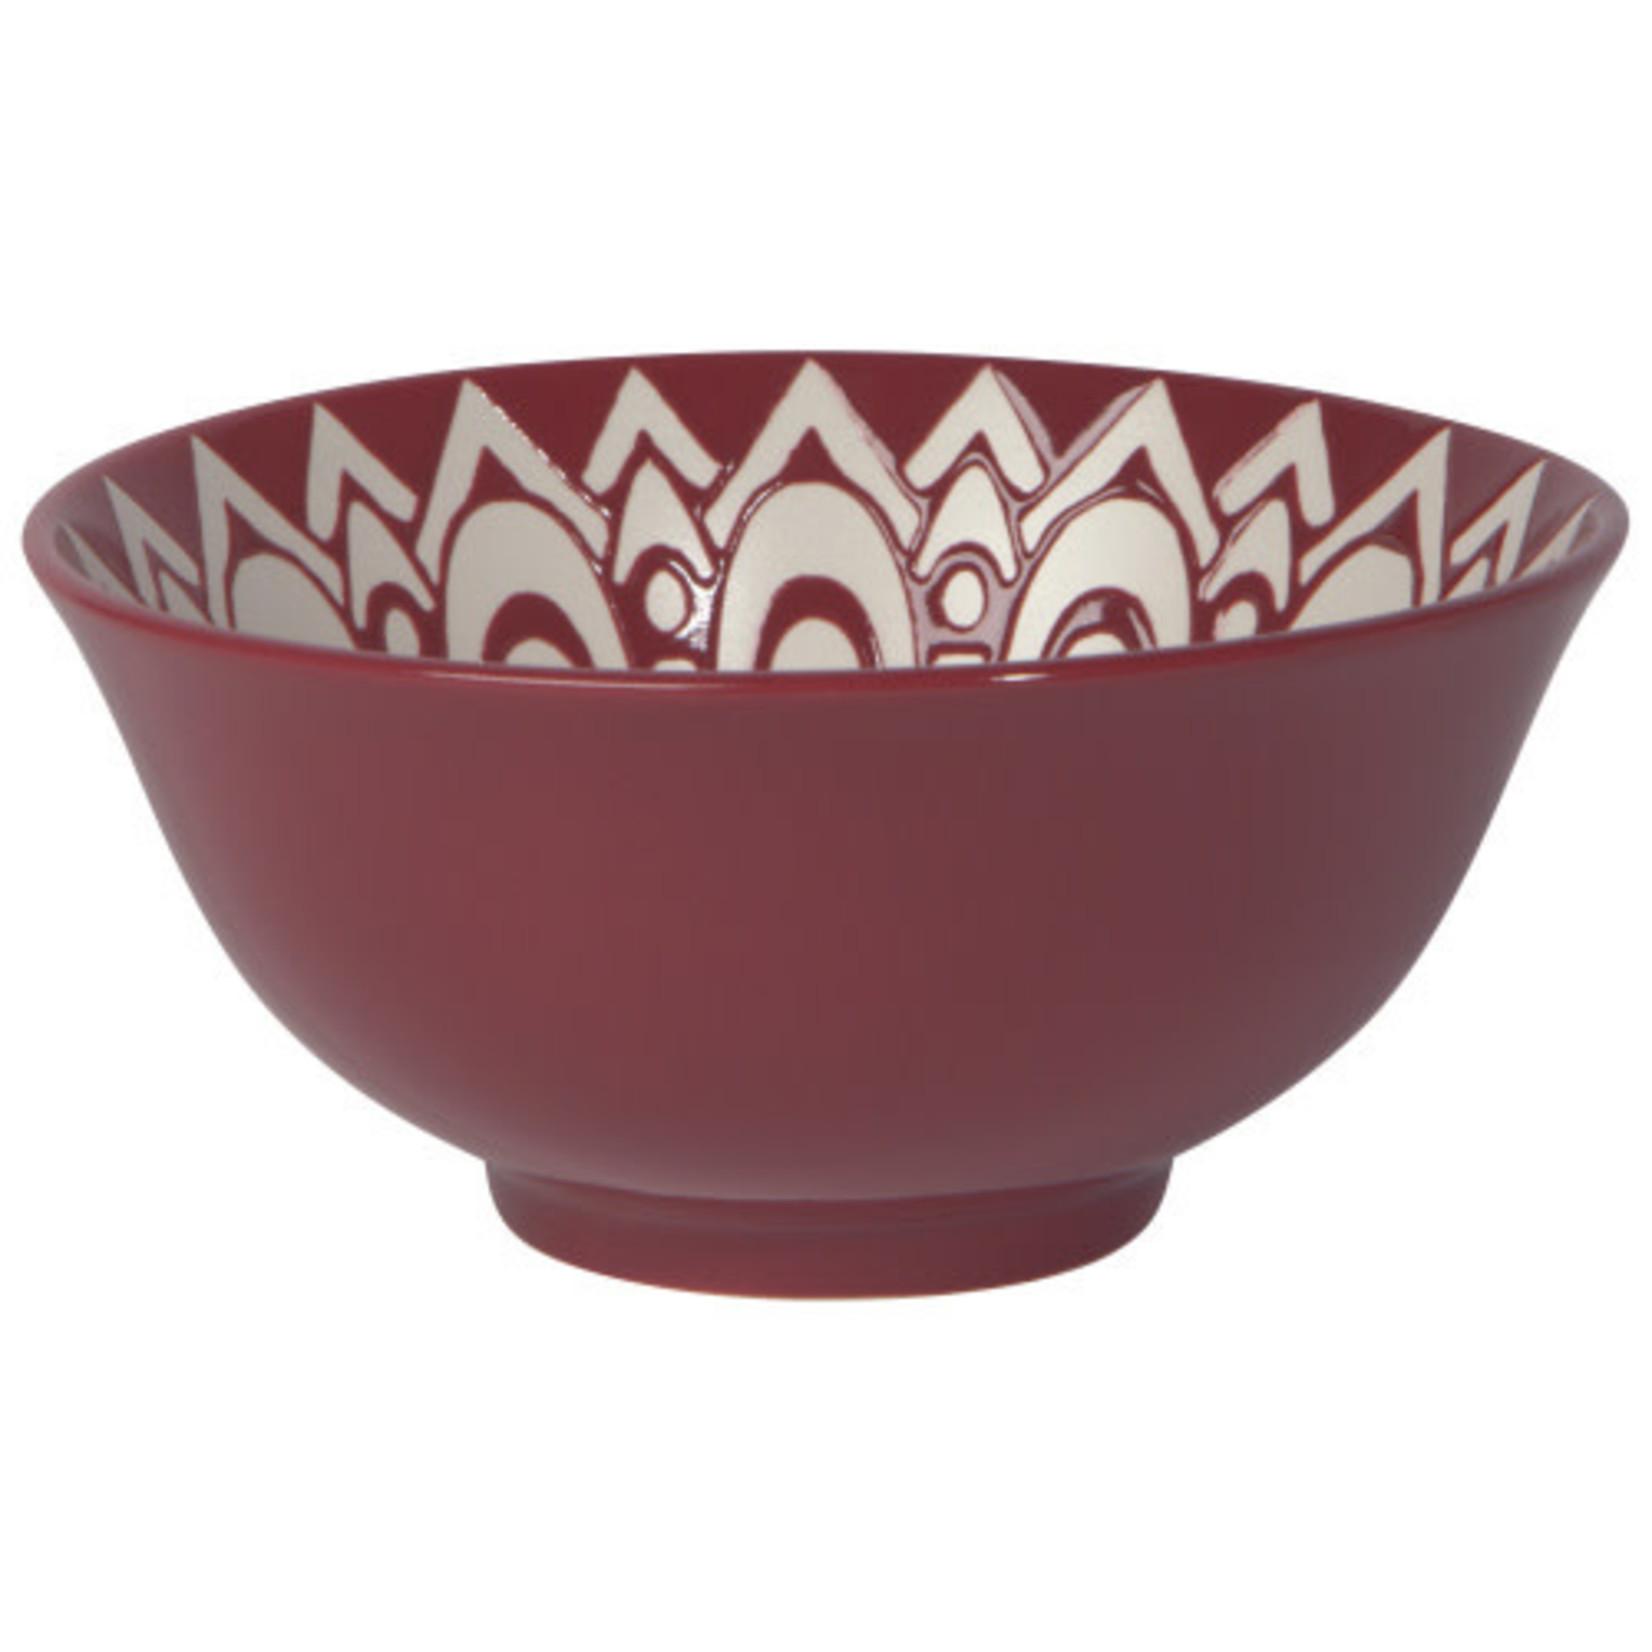 Kala Bowl in Wine